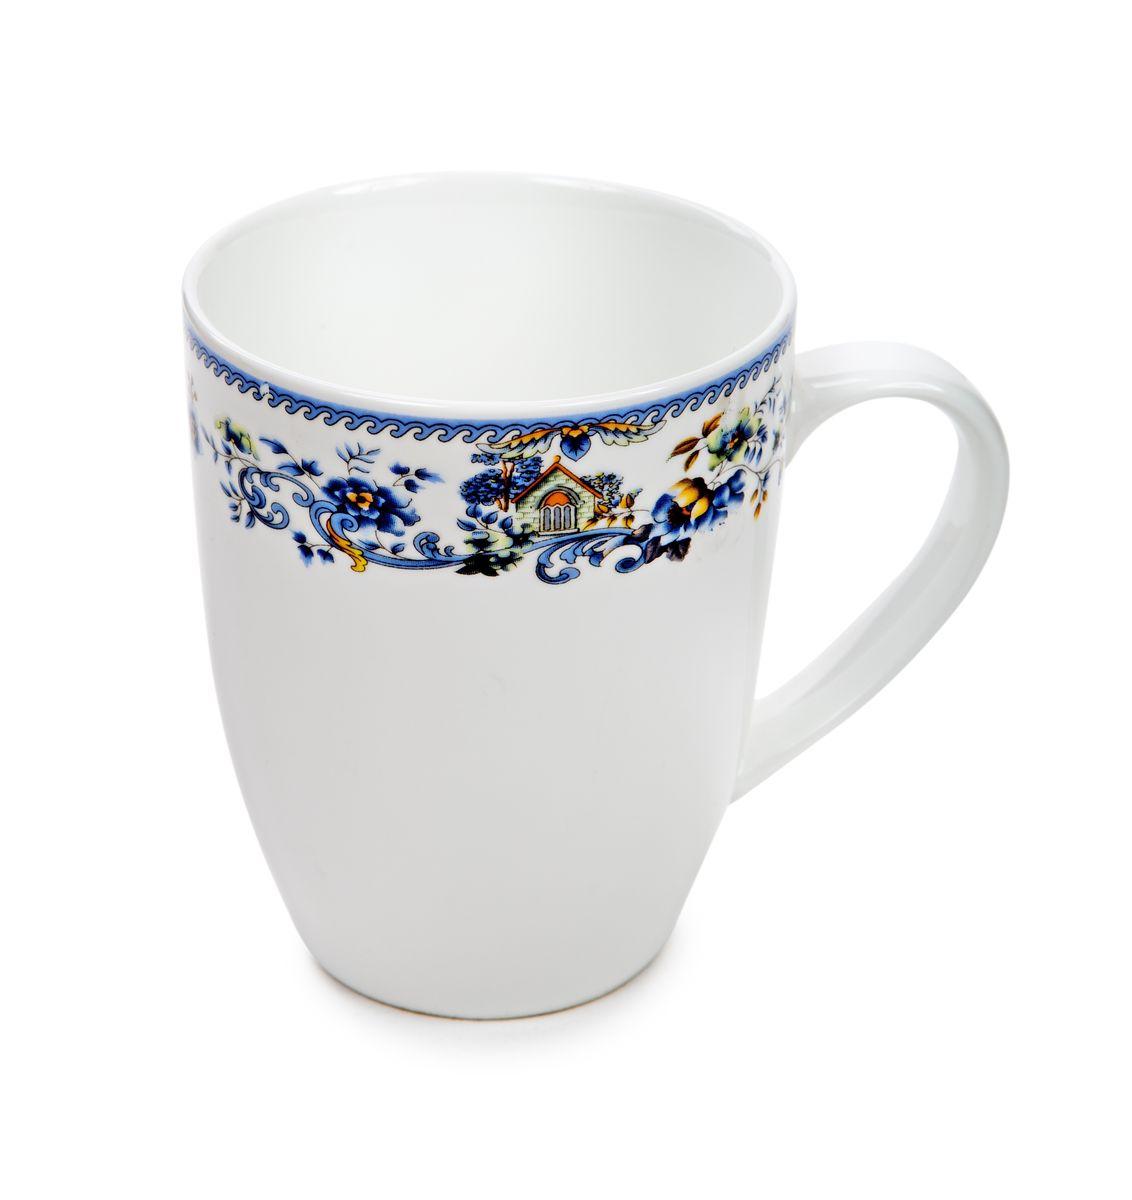 Кружка Nanshan Porcelain Пейзаж, 300 млVT-1520(SR)Кружка Nanshan Porcelain Пейзаж изготовлена из высококачественного фарфора с подглазурной деколью, что защищает рисунок от истирания и продлевает срок эксплуатации посуды. Посуда безопасна для здоровья и окружающей среды, не содержит свинец и кадмий. Можно использовать в микроволновой печи и мыть в посудомоечной машине.Объем: 300 мл.Диаметр (по верхнему краю): 8 см.Высота кружки: 10 см.